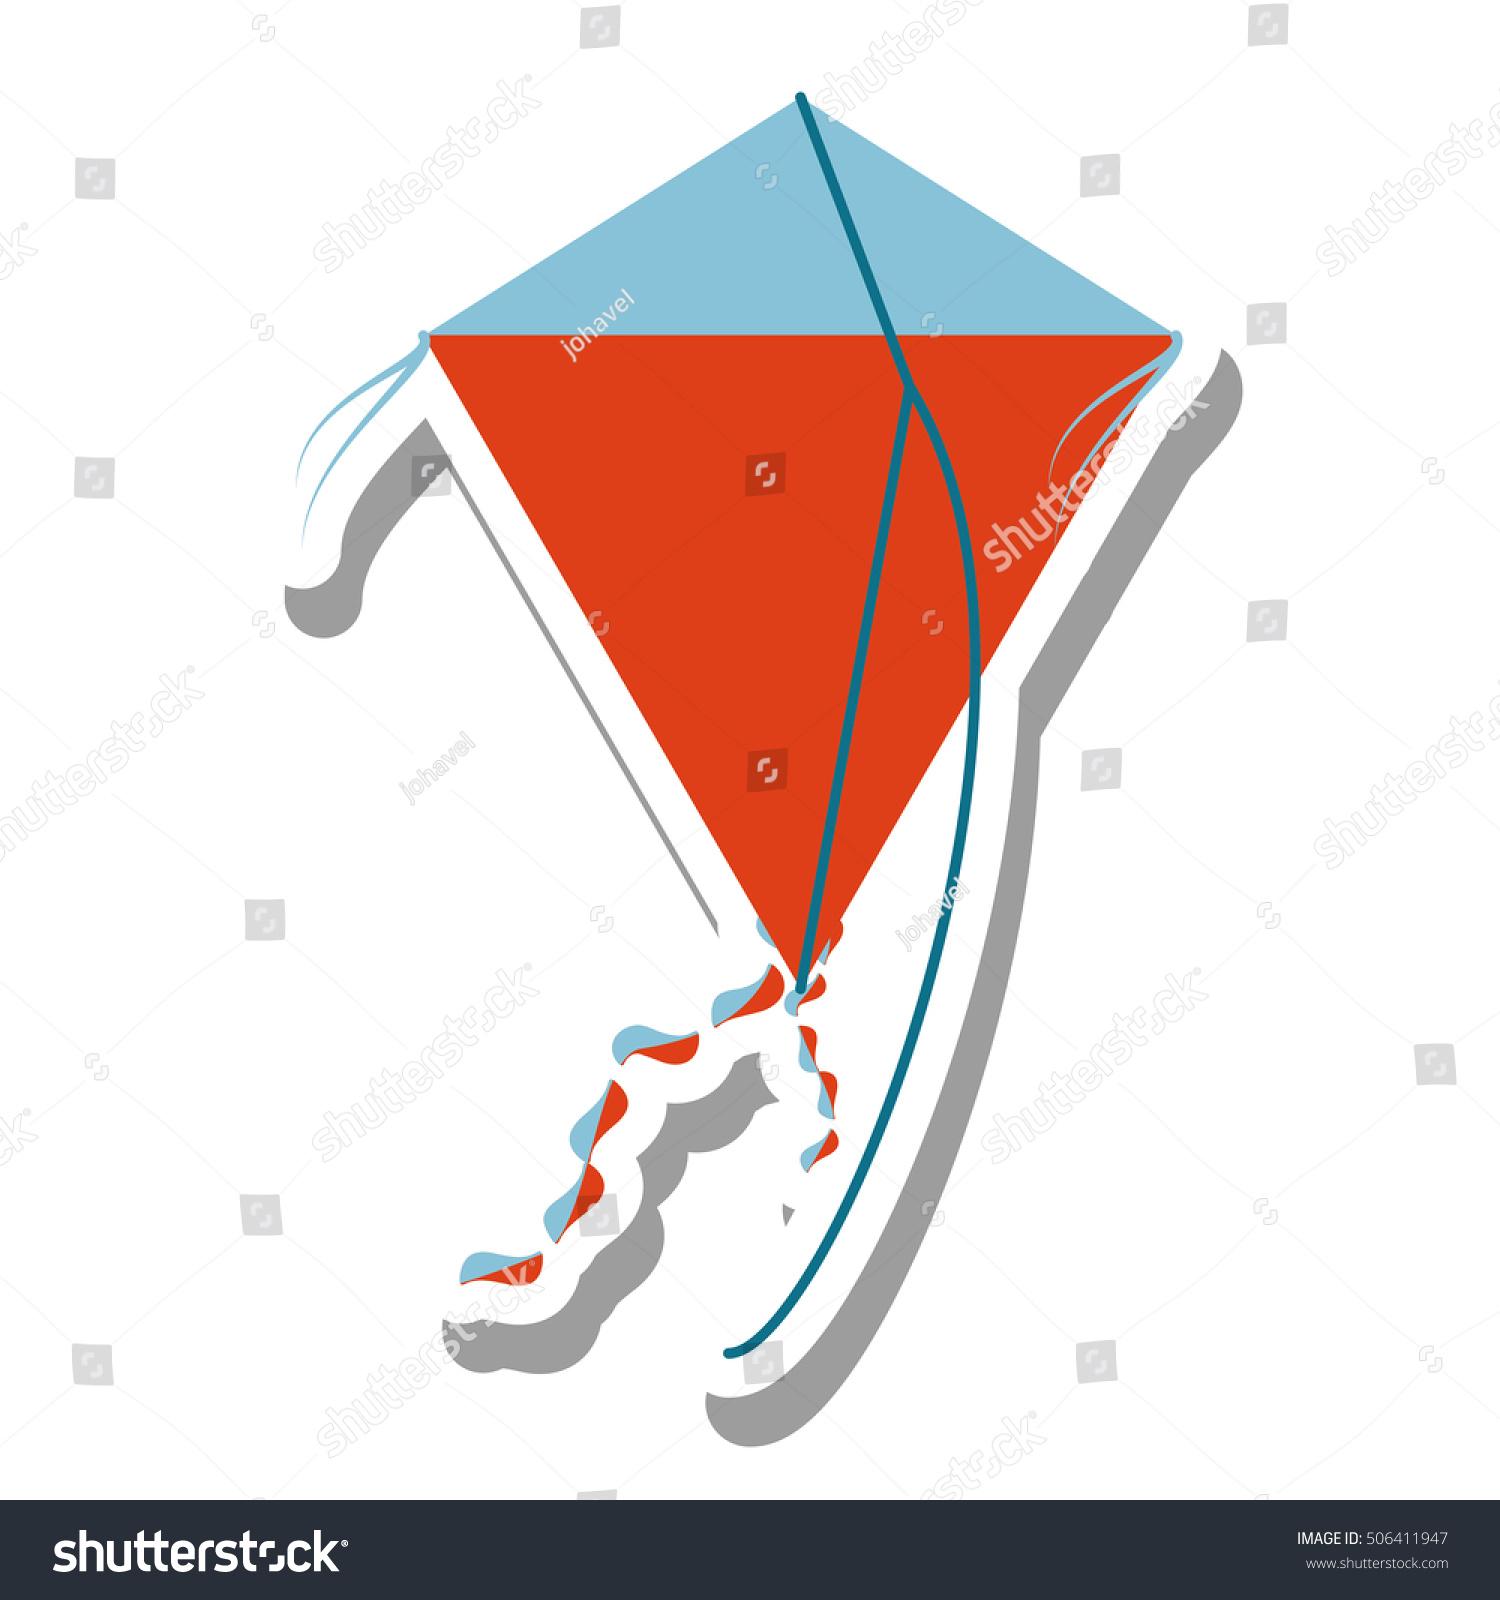 flying kite illustration - photo #39